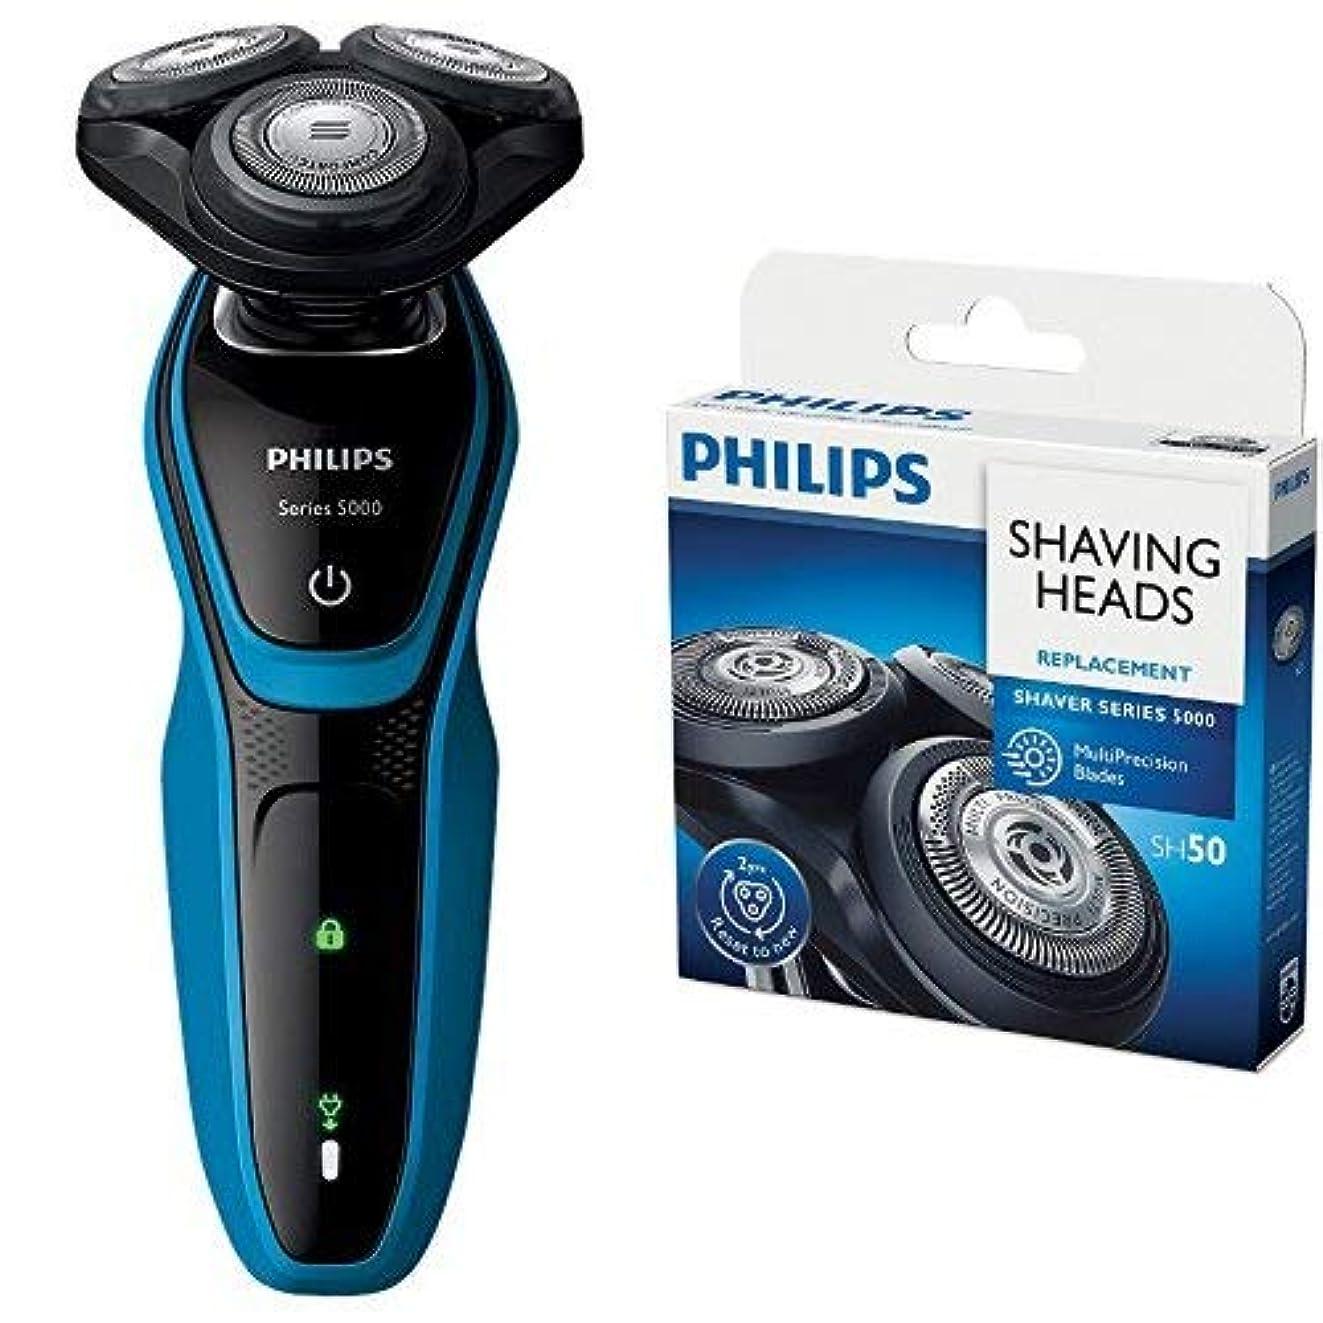 ラグ準拠皮肉[セット販売]フィリップス 5000シリーズ メンズ 電気シェーバー 27枚刃 回転式 お風呂剃り & 丸洗い可 S5050/05 + フィリップス 5000シリーズ用替刃 SH50/51